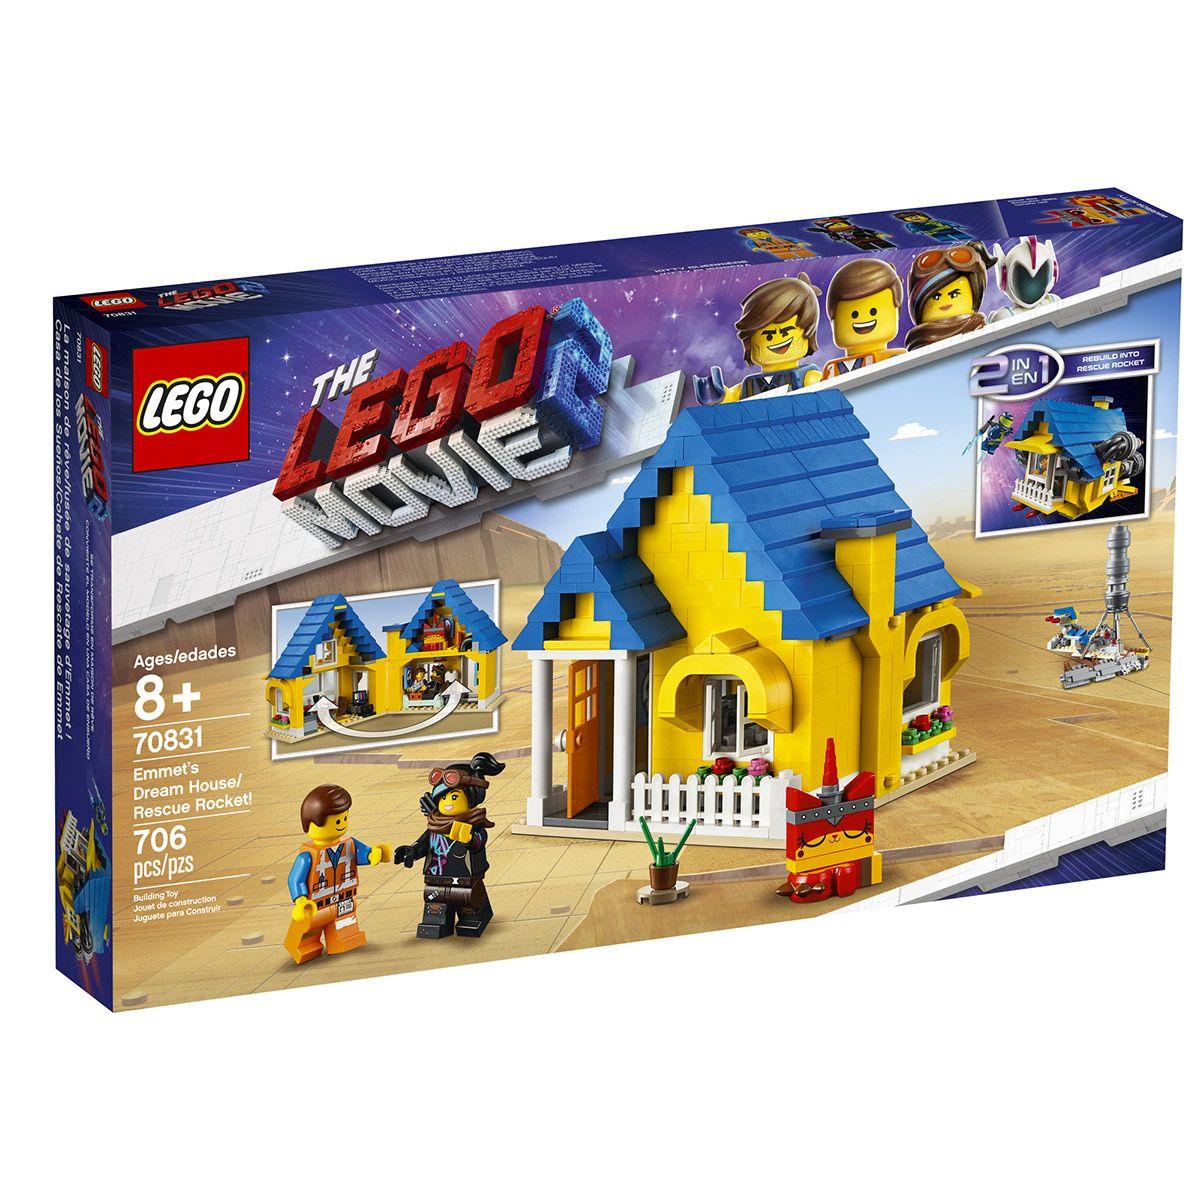 D'emmetThe La Lego 70831 HérosCinéma Super Maison Fusée Movie tQhxsrdC